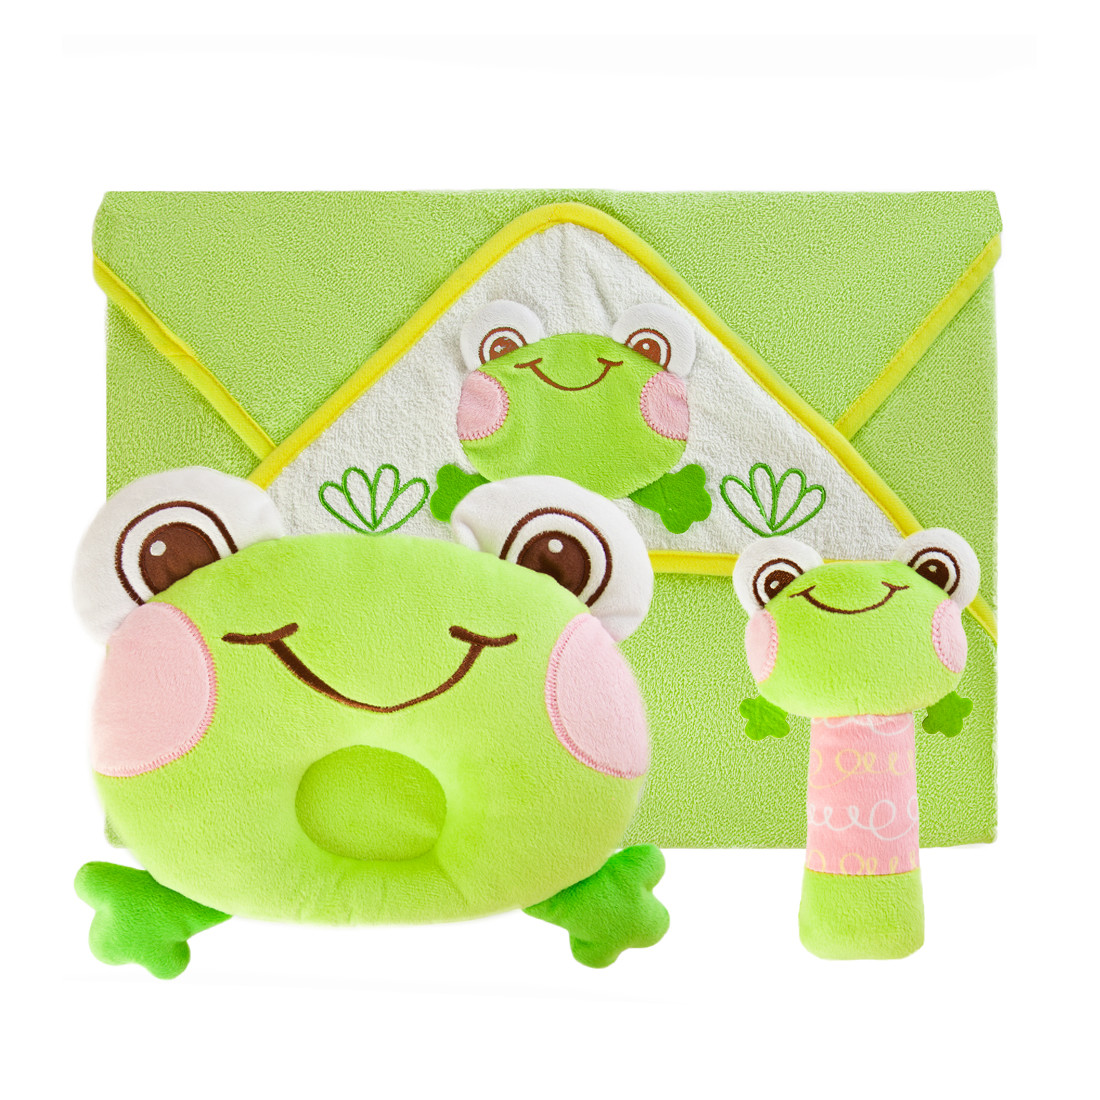 Подарочный набор Наша игрушка Забавный лягушонок арт дизайн подарочный набор открытка с ручкой самой фееричной тебе